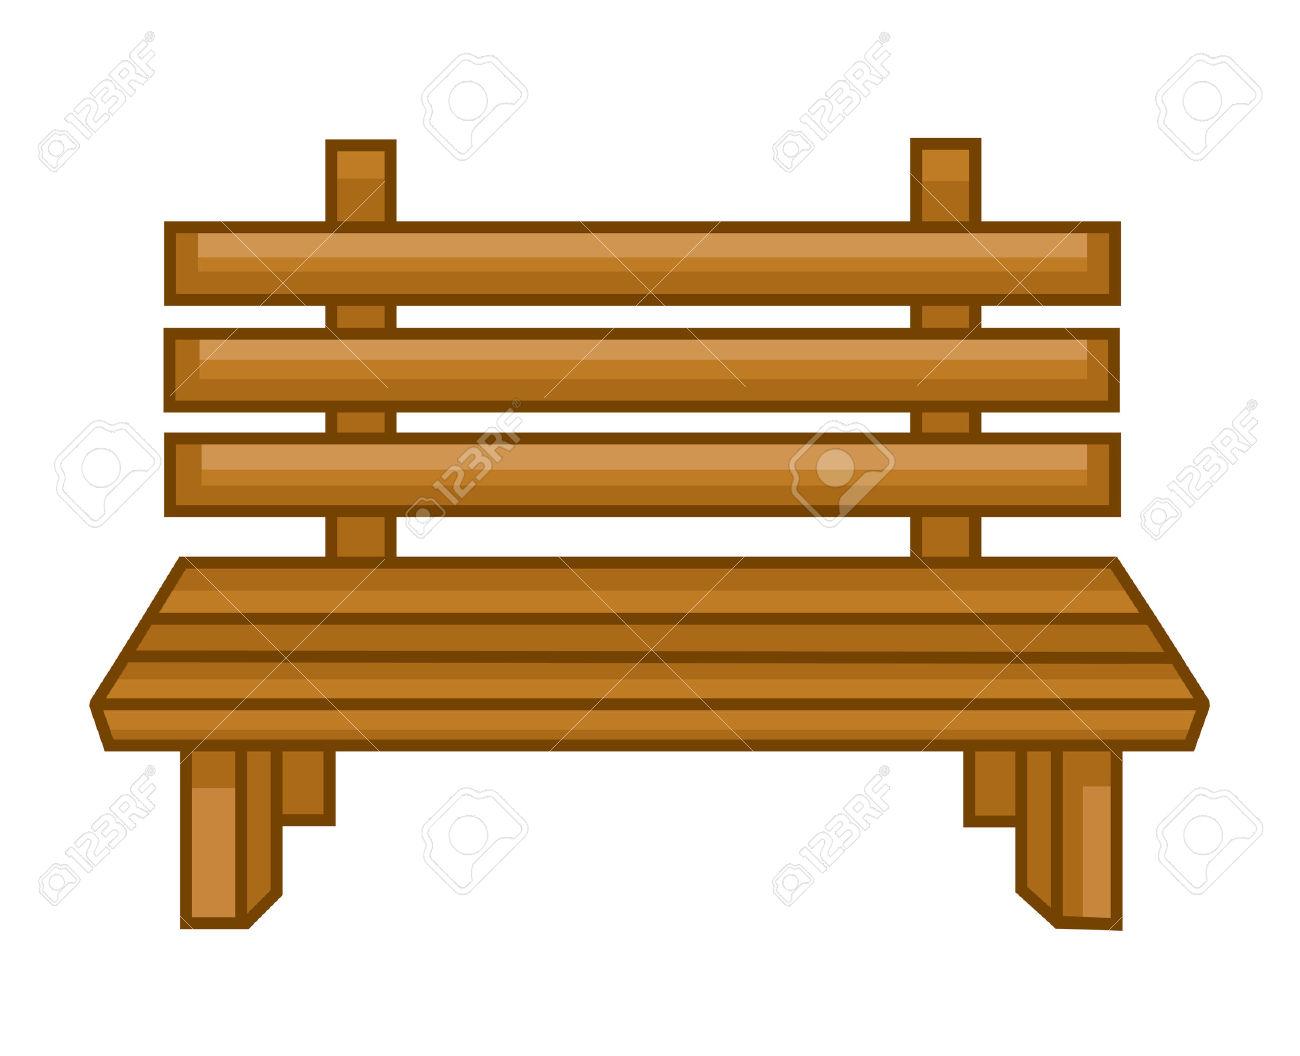 Garden bench clipart.